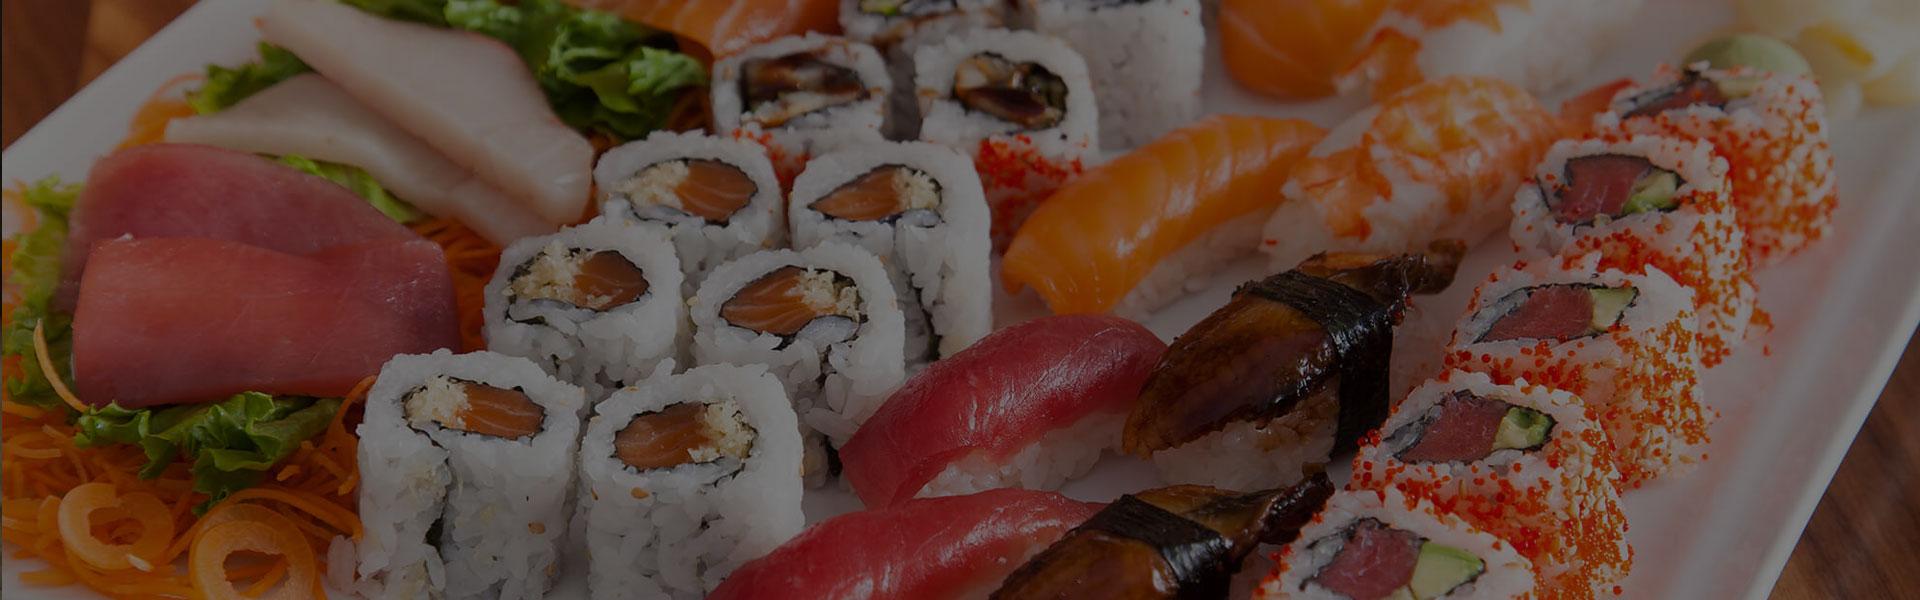 Sushi e sashimi zenandcook - Corsi di cucina genova ...